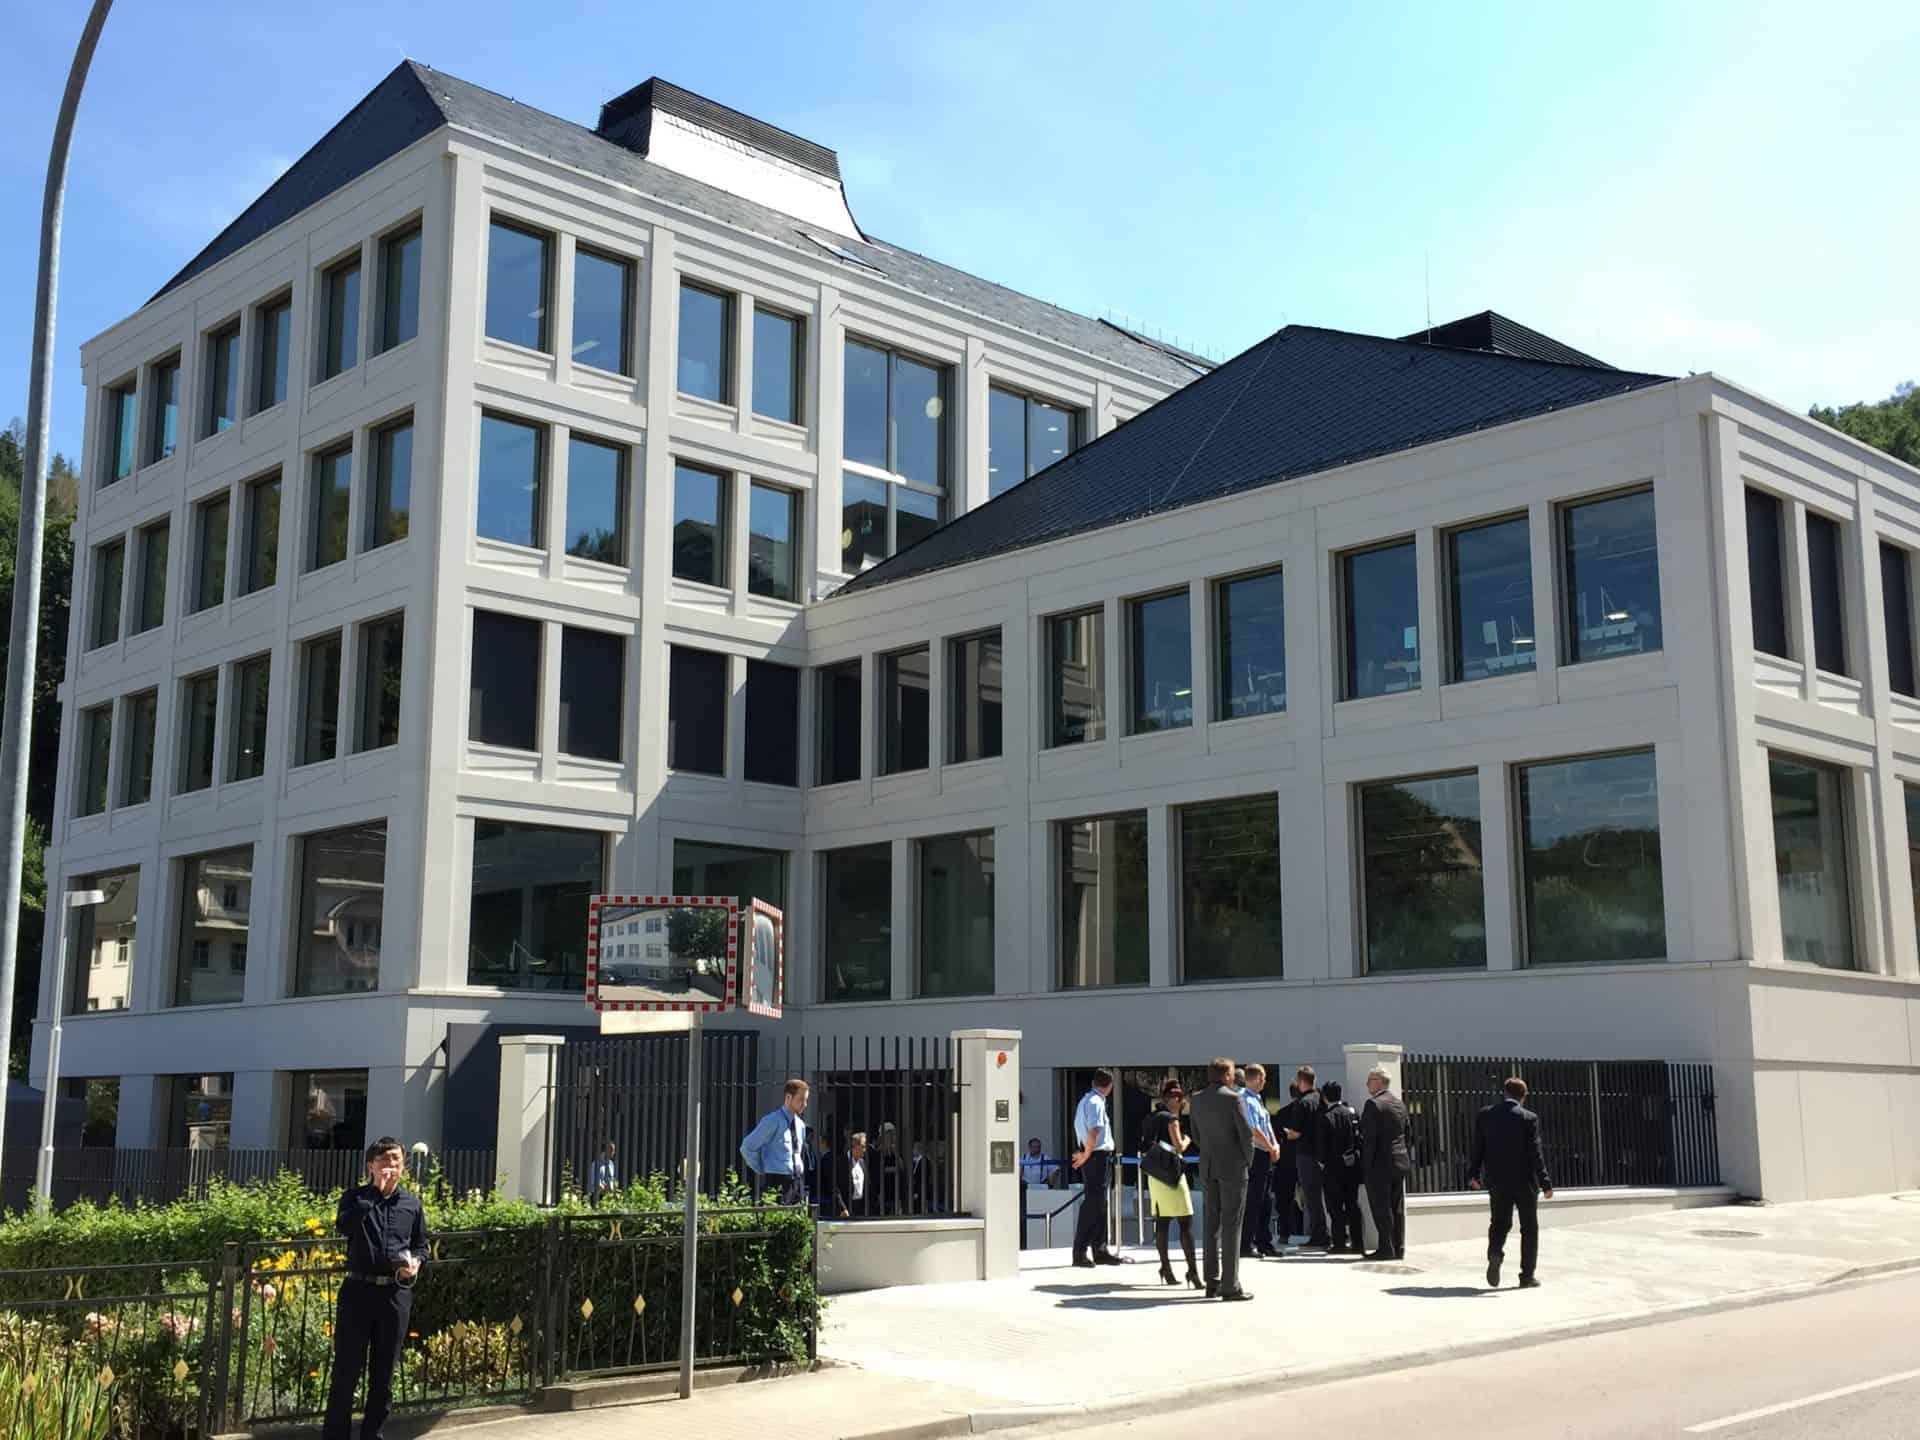 Das Manufakturgebäude von A. Lange & Söhne wurde im August 2015 eröffnet